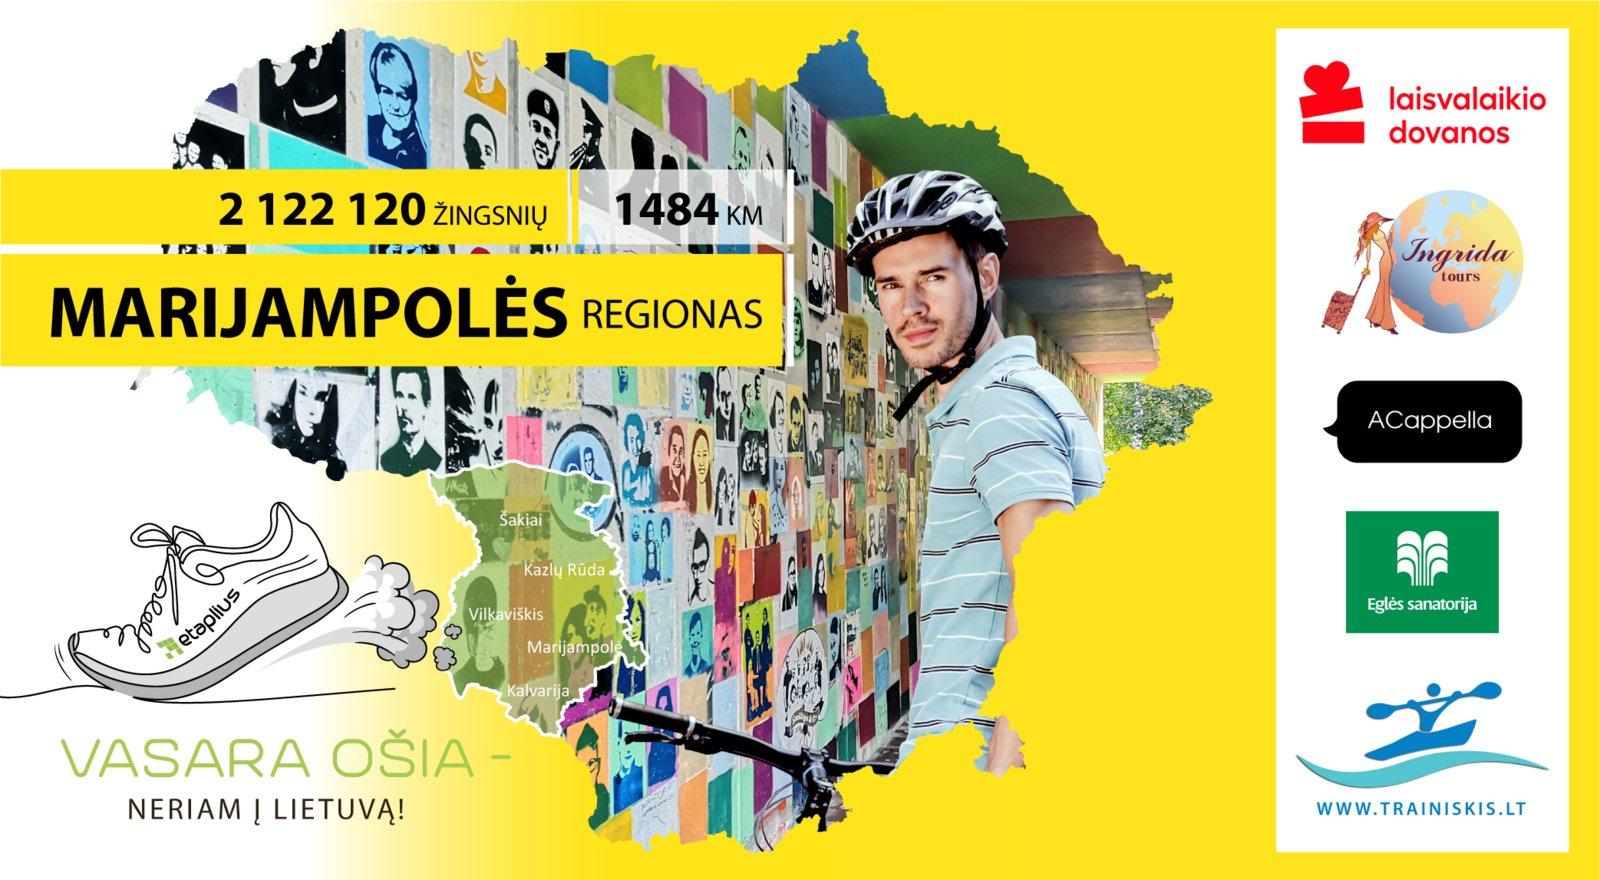 """Nauja iššūkio """"Vasara ošia – neriam į Lietuvą"""" savaitė: einame į Marijampolės regioną"""